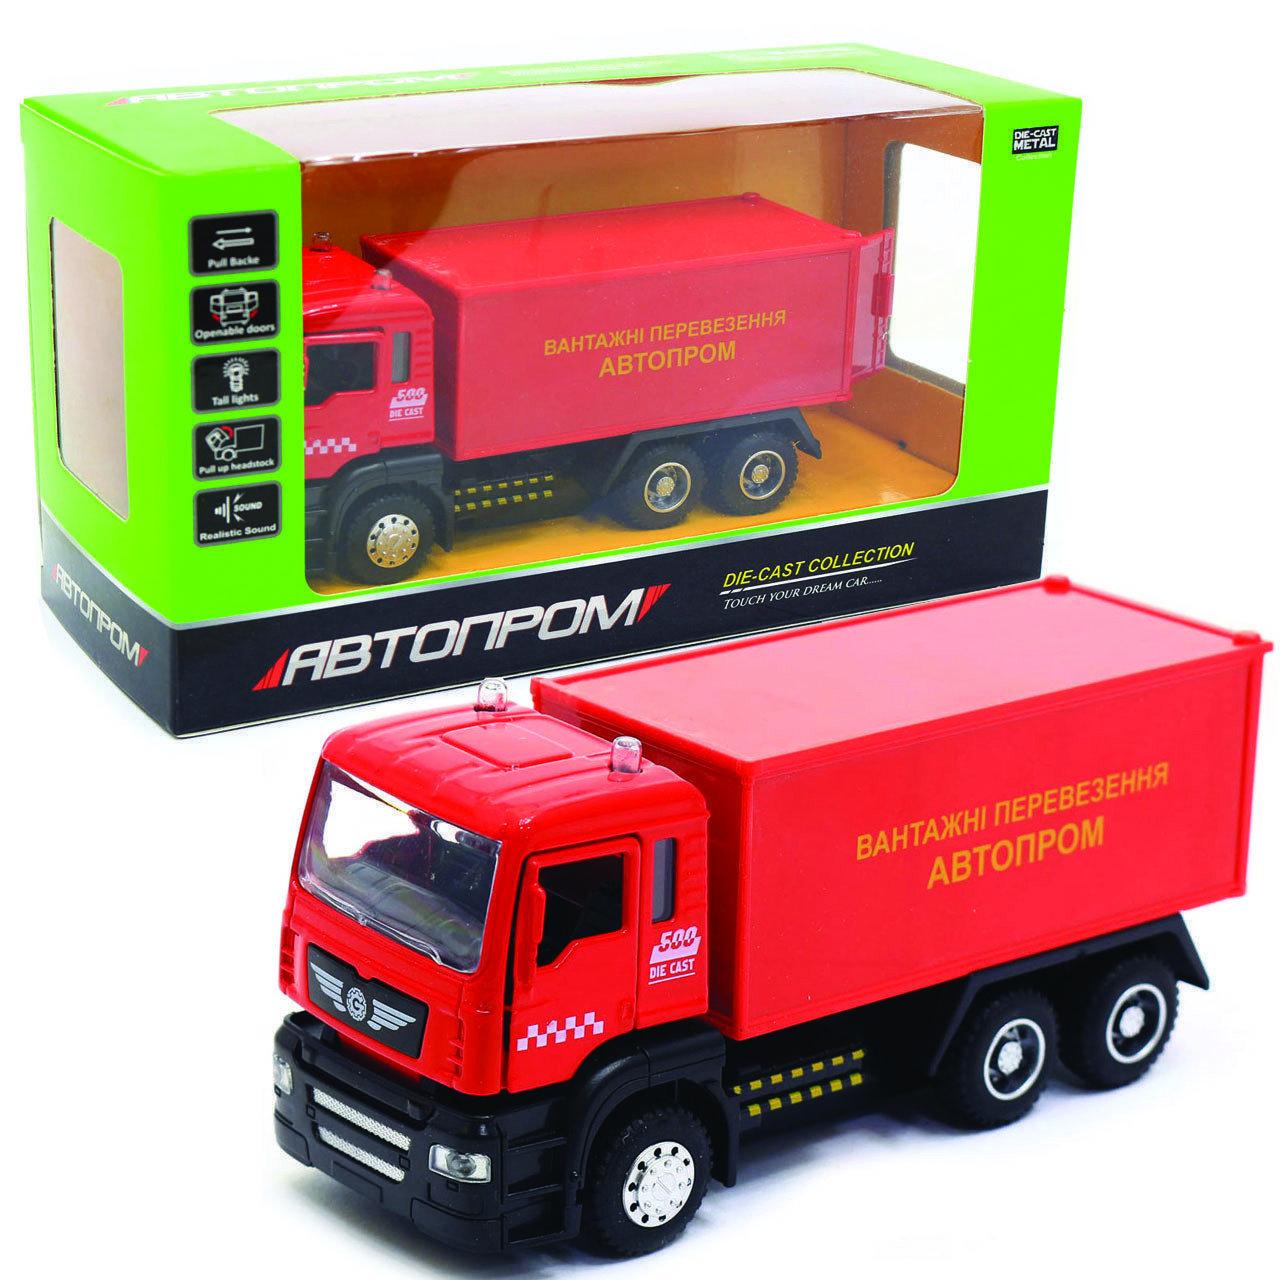 Машинка ігрова Автопром «Вантажні перевезення Автопром» Червона зі світловими і звуковими ефектами (50013)